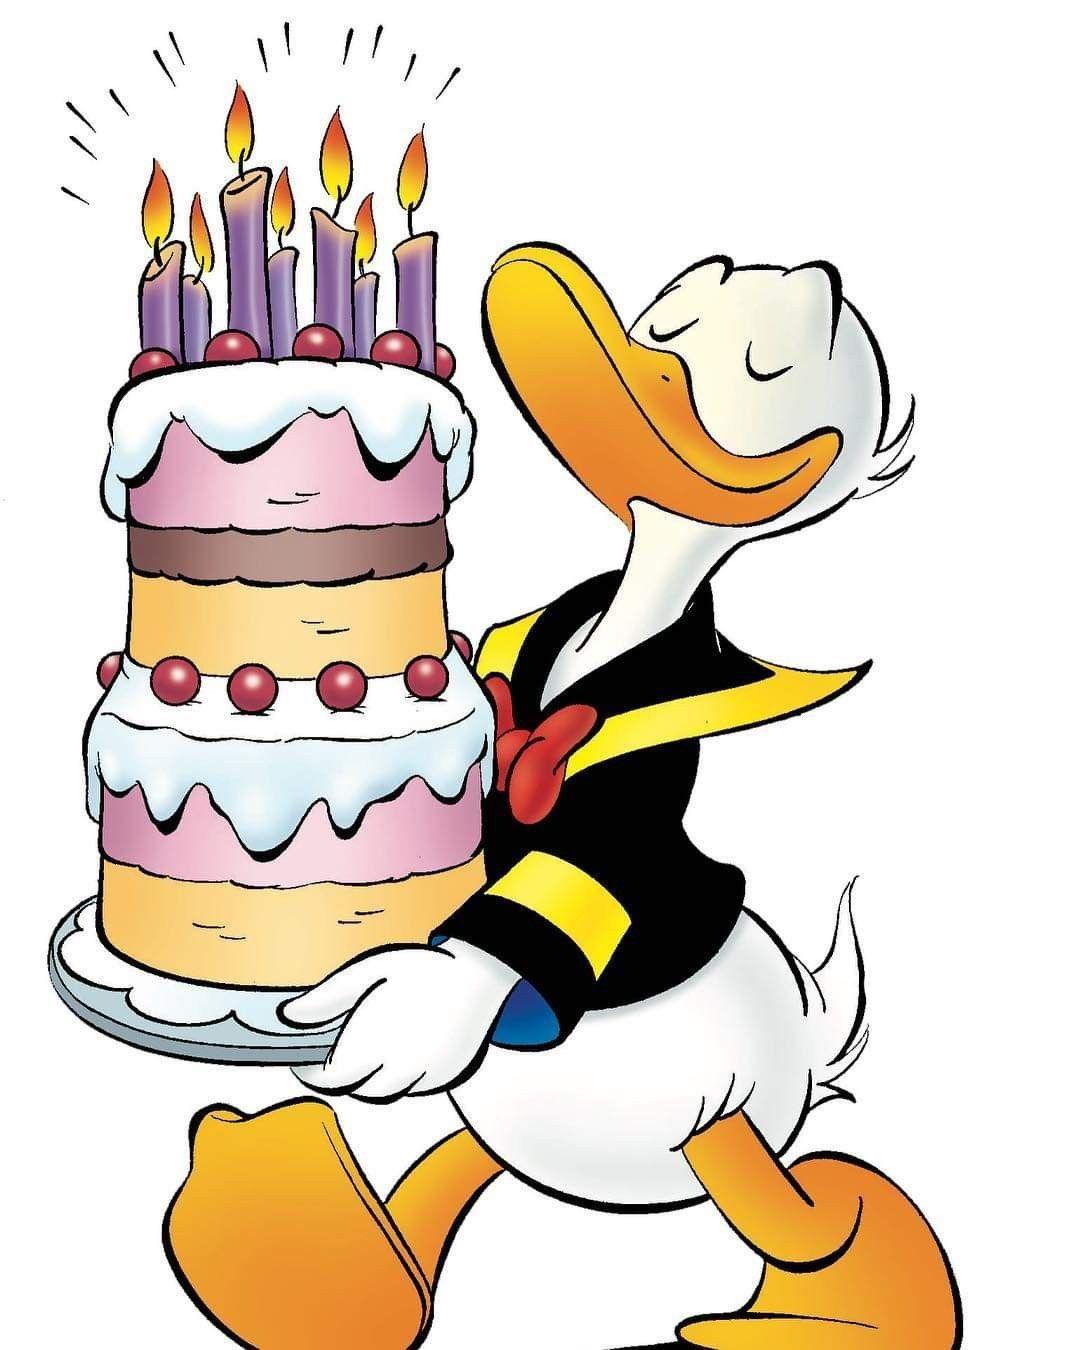 Donald Duck (Mit Bildern) | Geburtstags Wünsche Lustig über Geburtstagsbilder Für Kinder